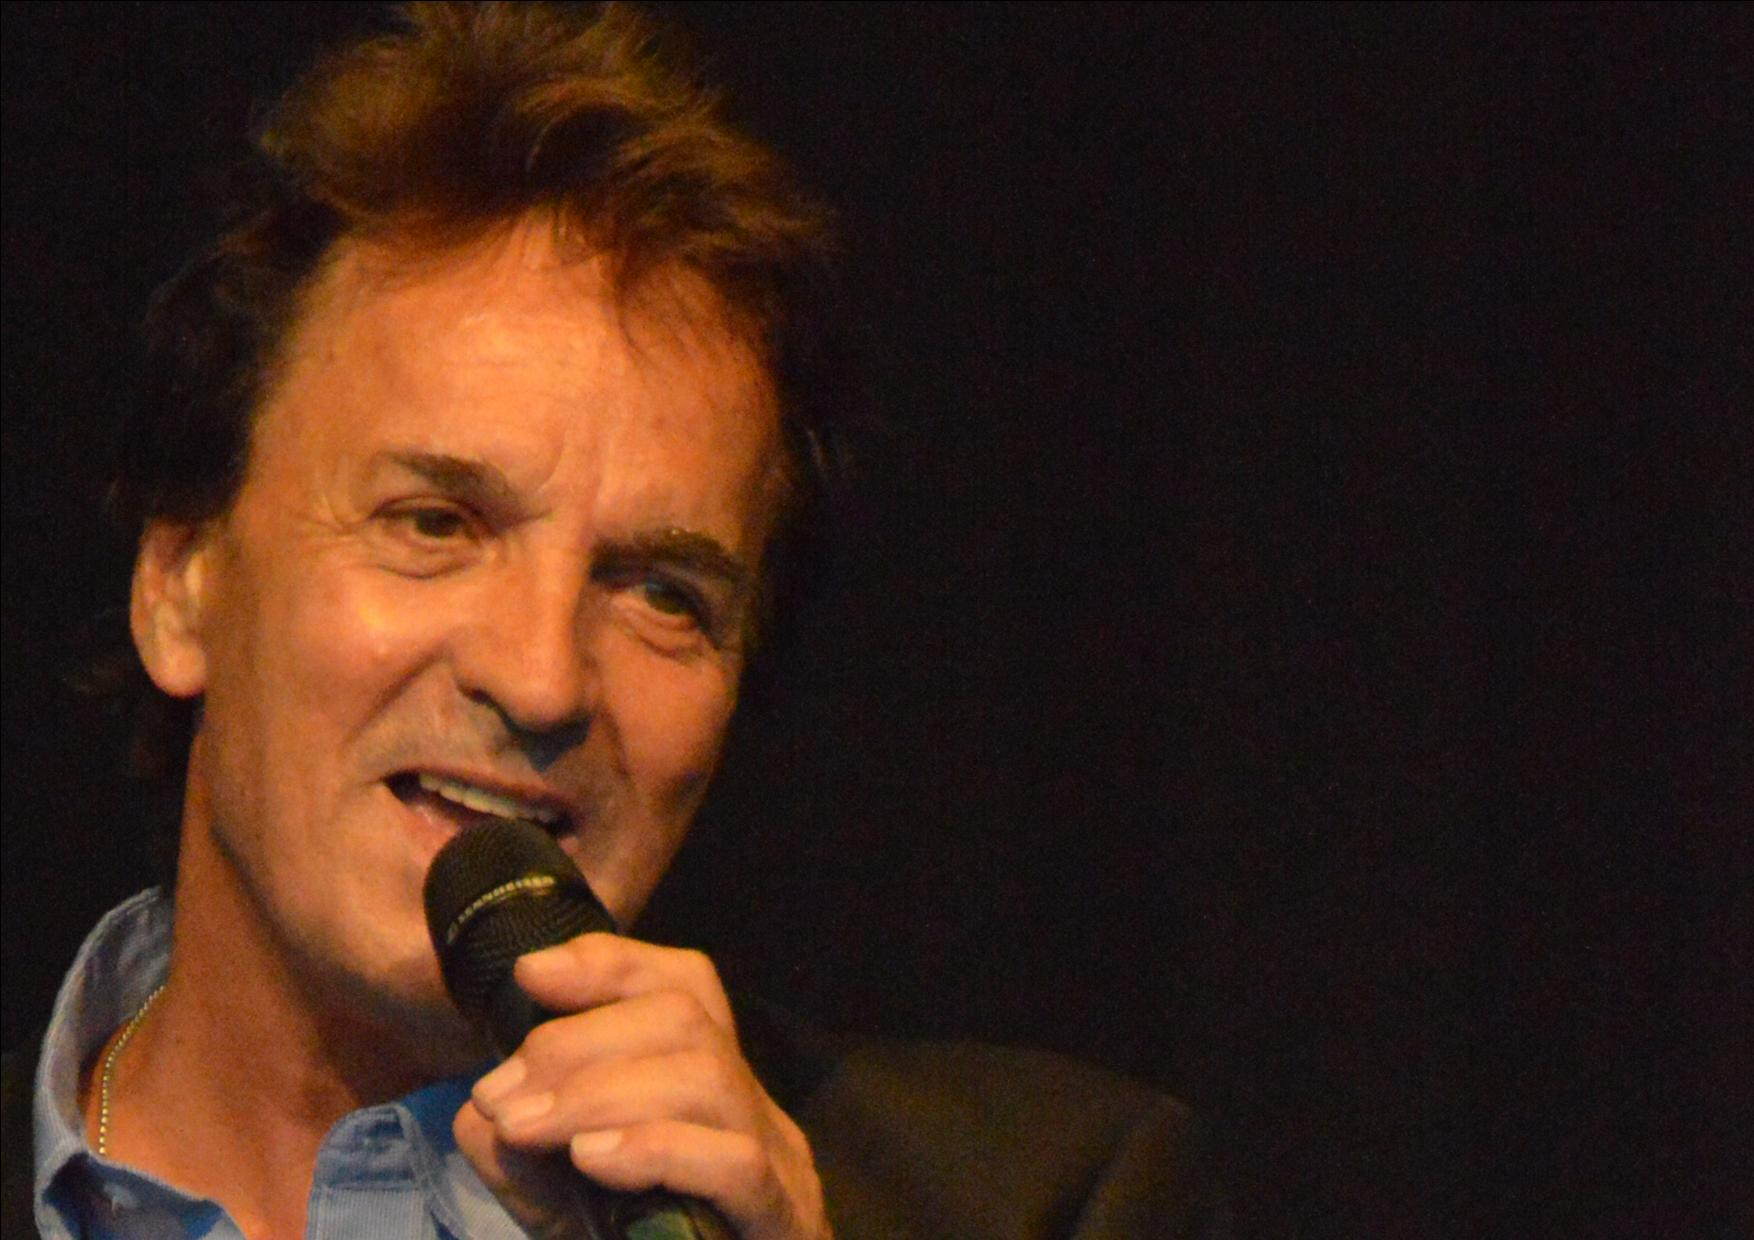 Christian Delagrange en concert